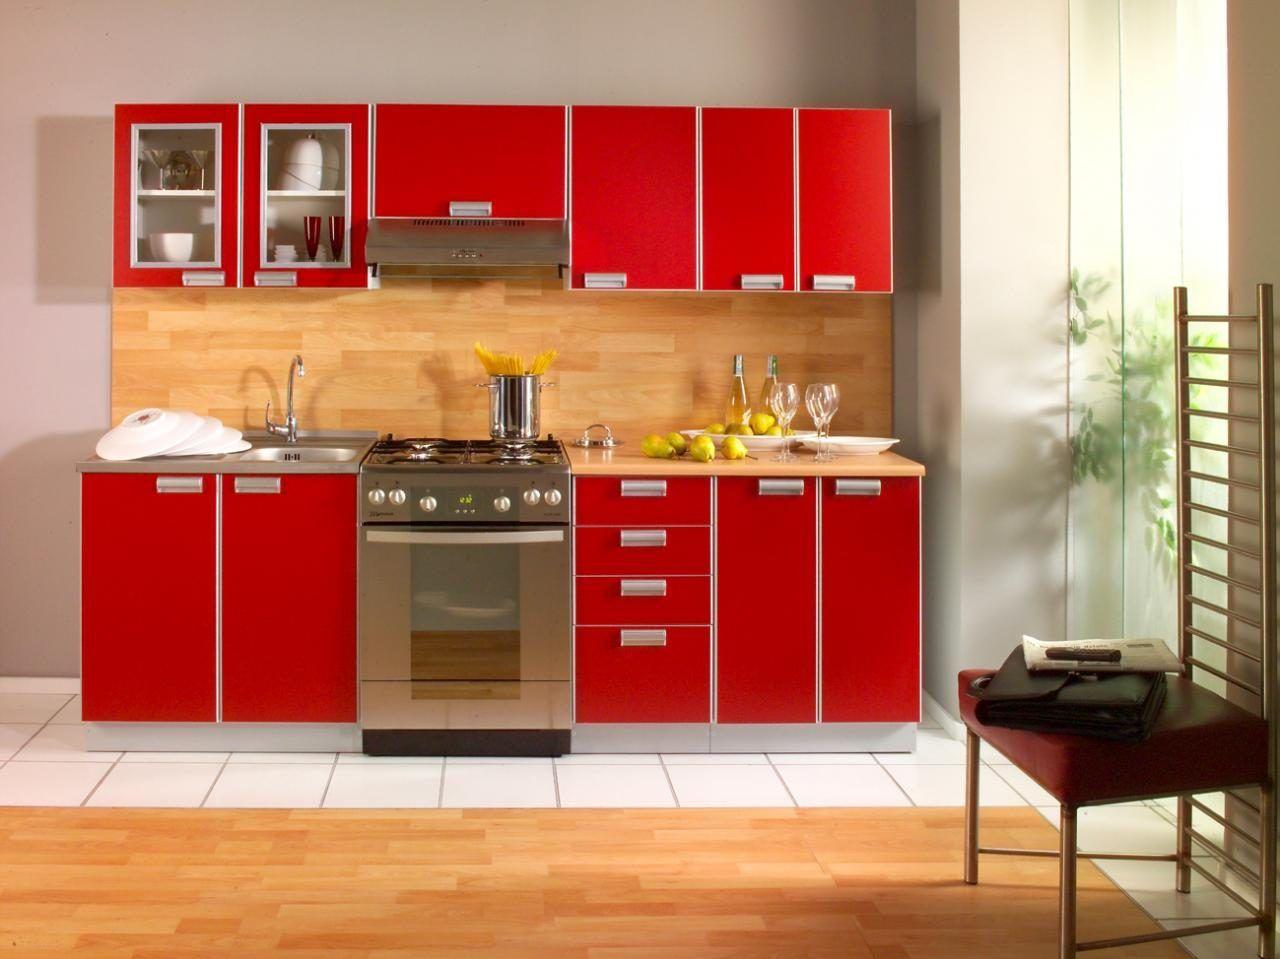 mueble cocina rojo | inspiración de diseño de interiores ...